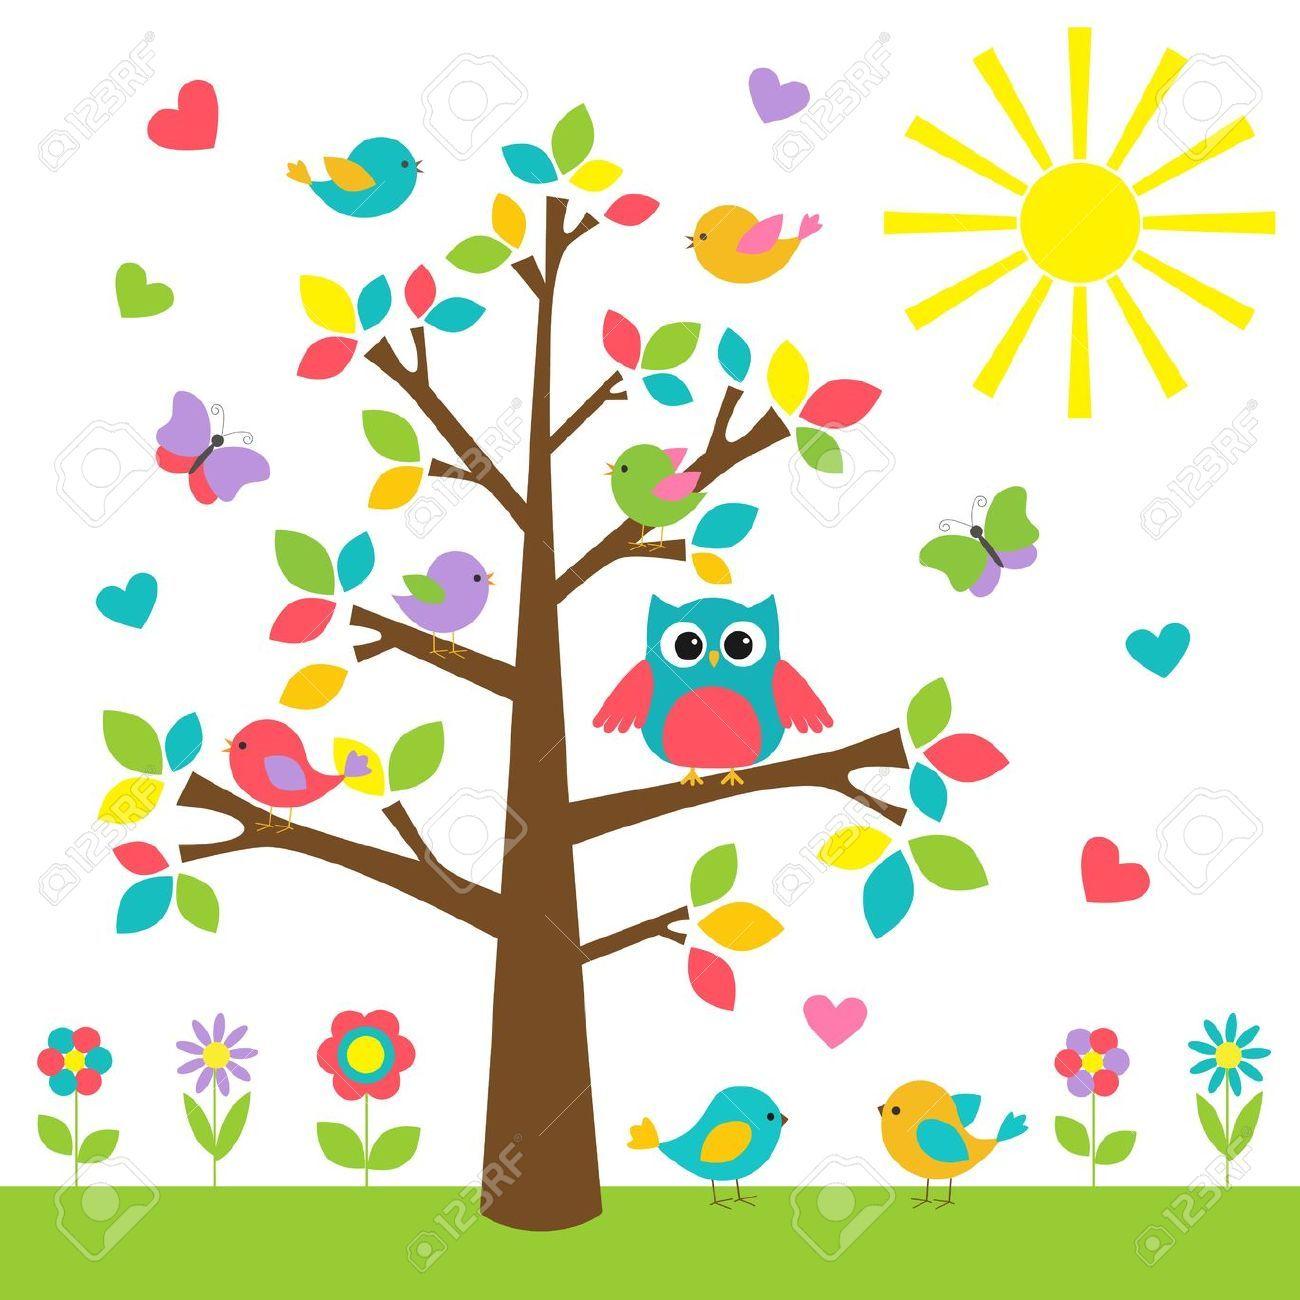 Dibujos arboles decorativos buscar con google - Arboles decorativos ...